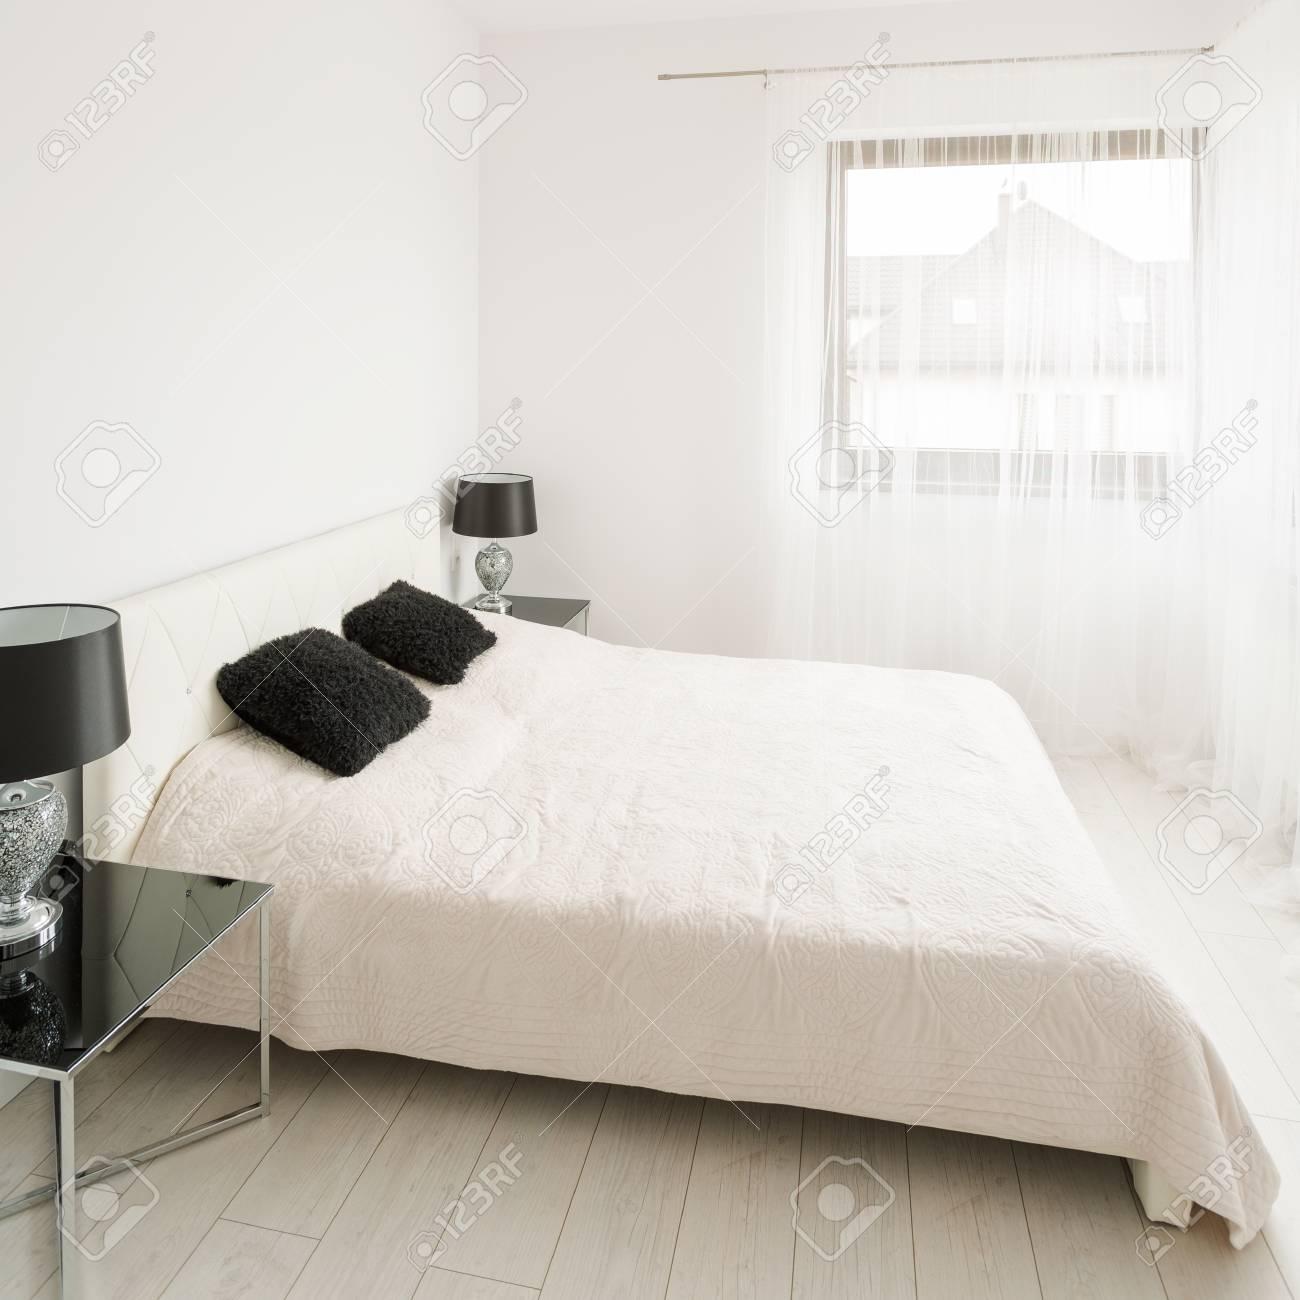 Luxury Schwarz Und Weiss Schlafzimmer Mit Ehebett Lizenzfreie Fotos